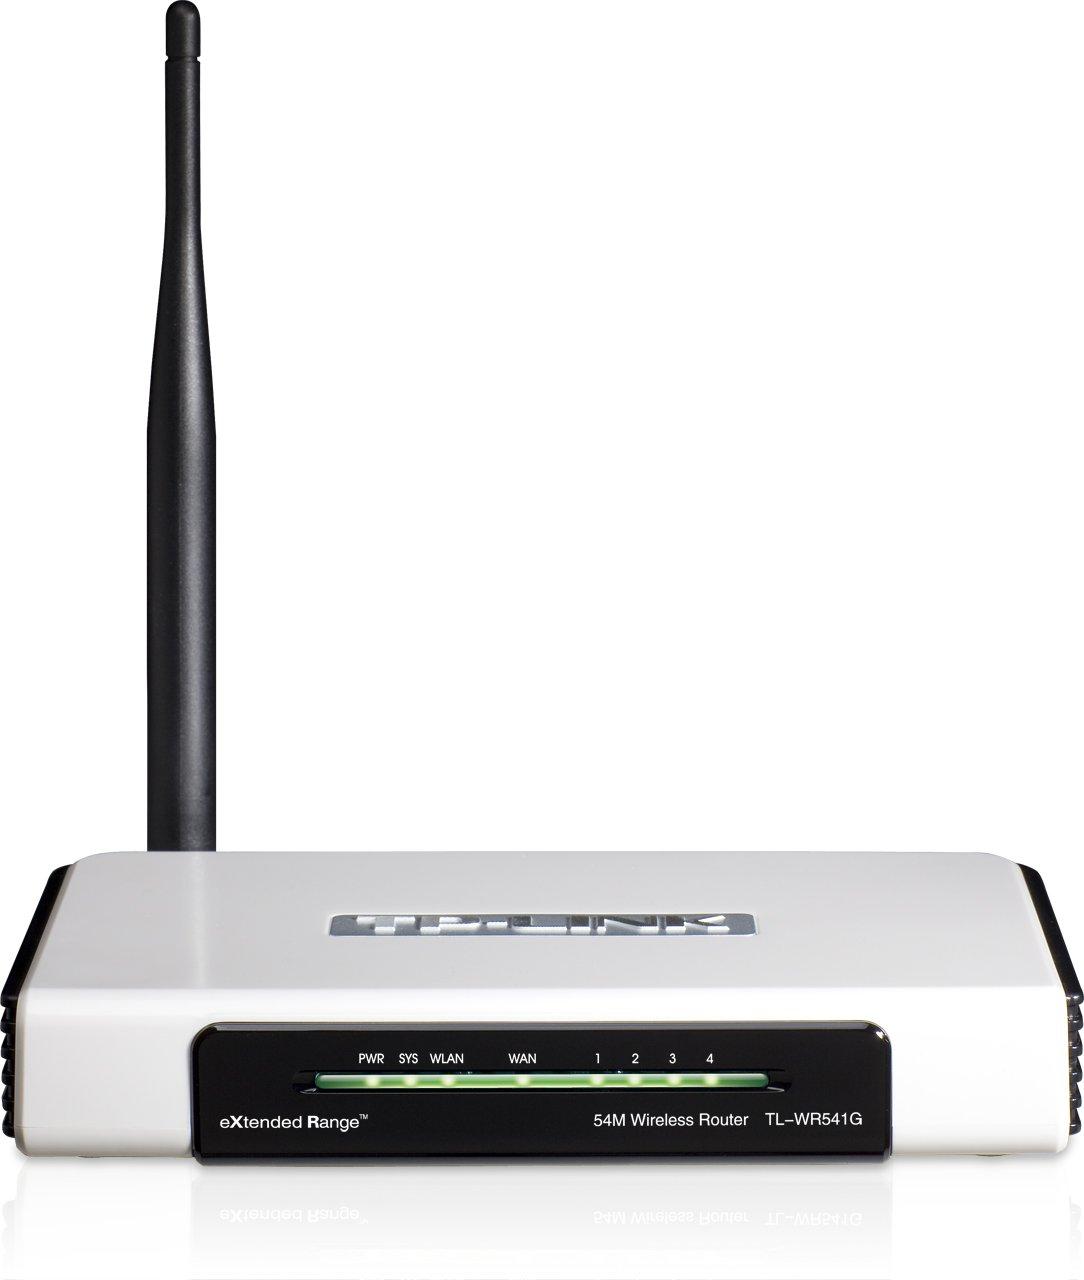 wr541g/542g firmware